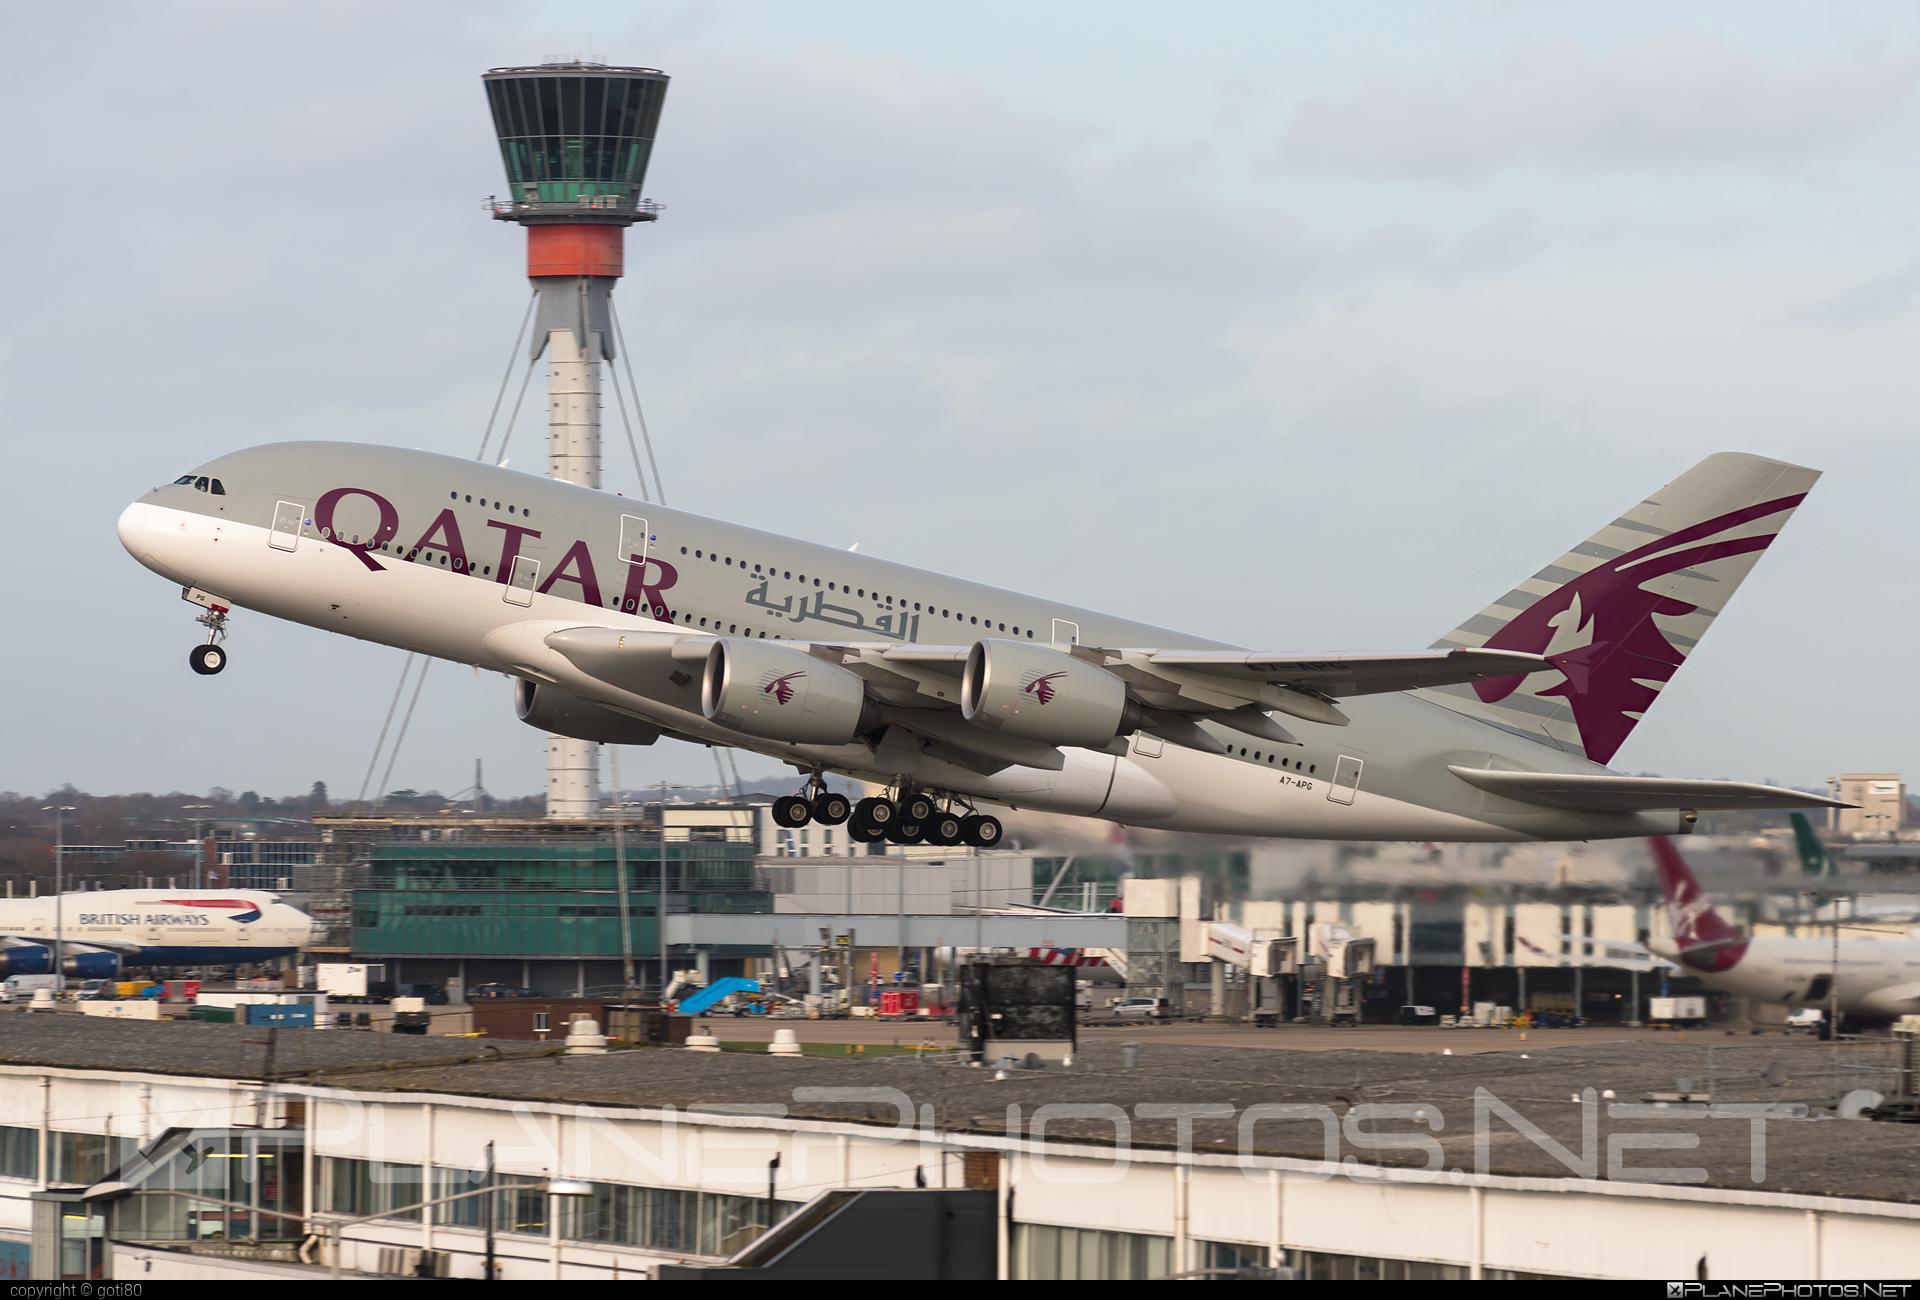 Airbus A380-861 - A7-APG operated by Qatar Airways #a380 #a380family #airbus #airbus380 #qatarairways